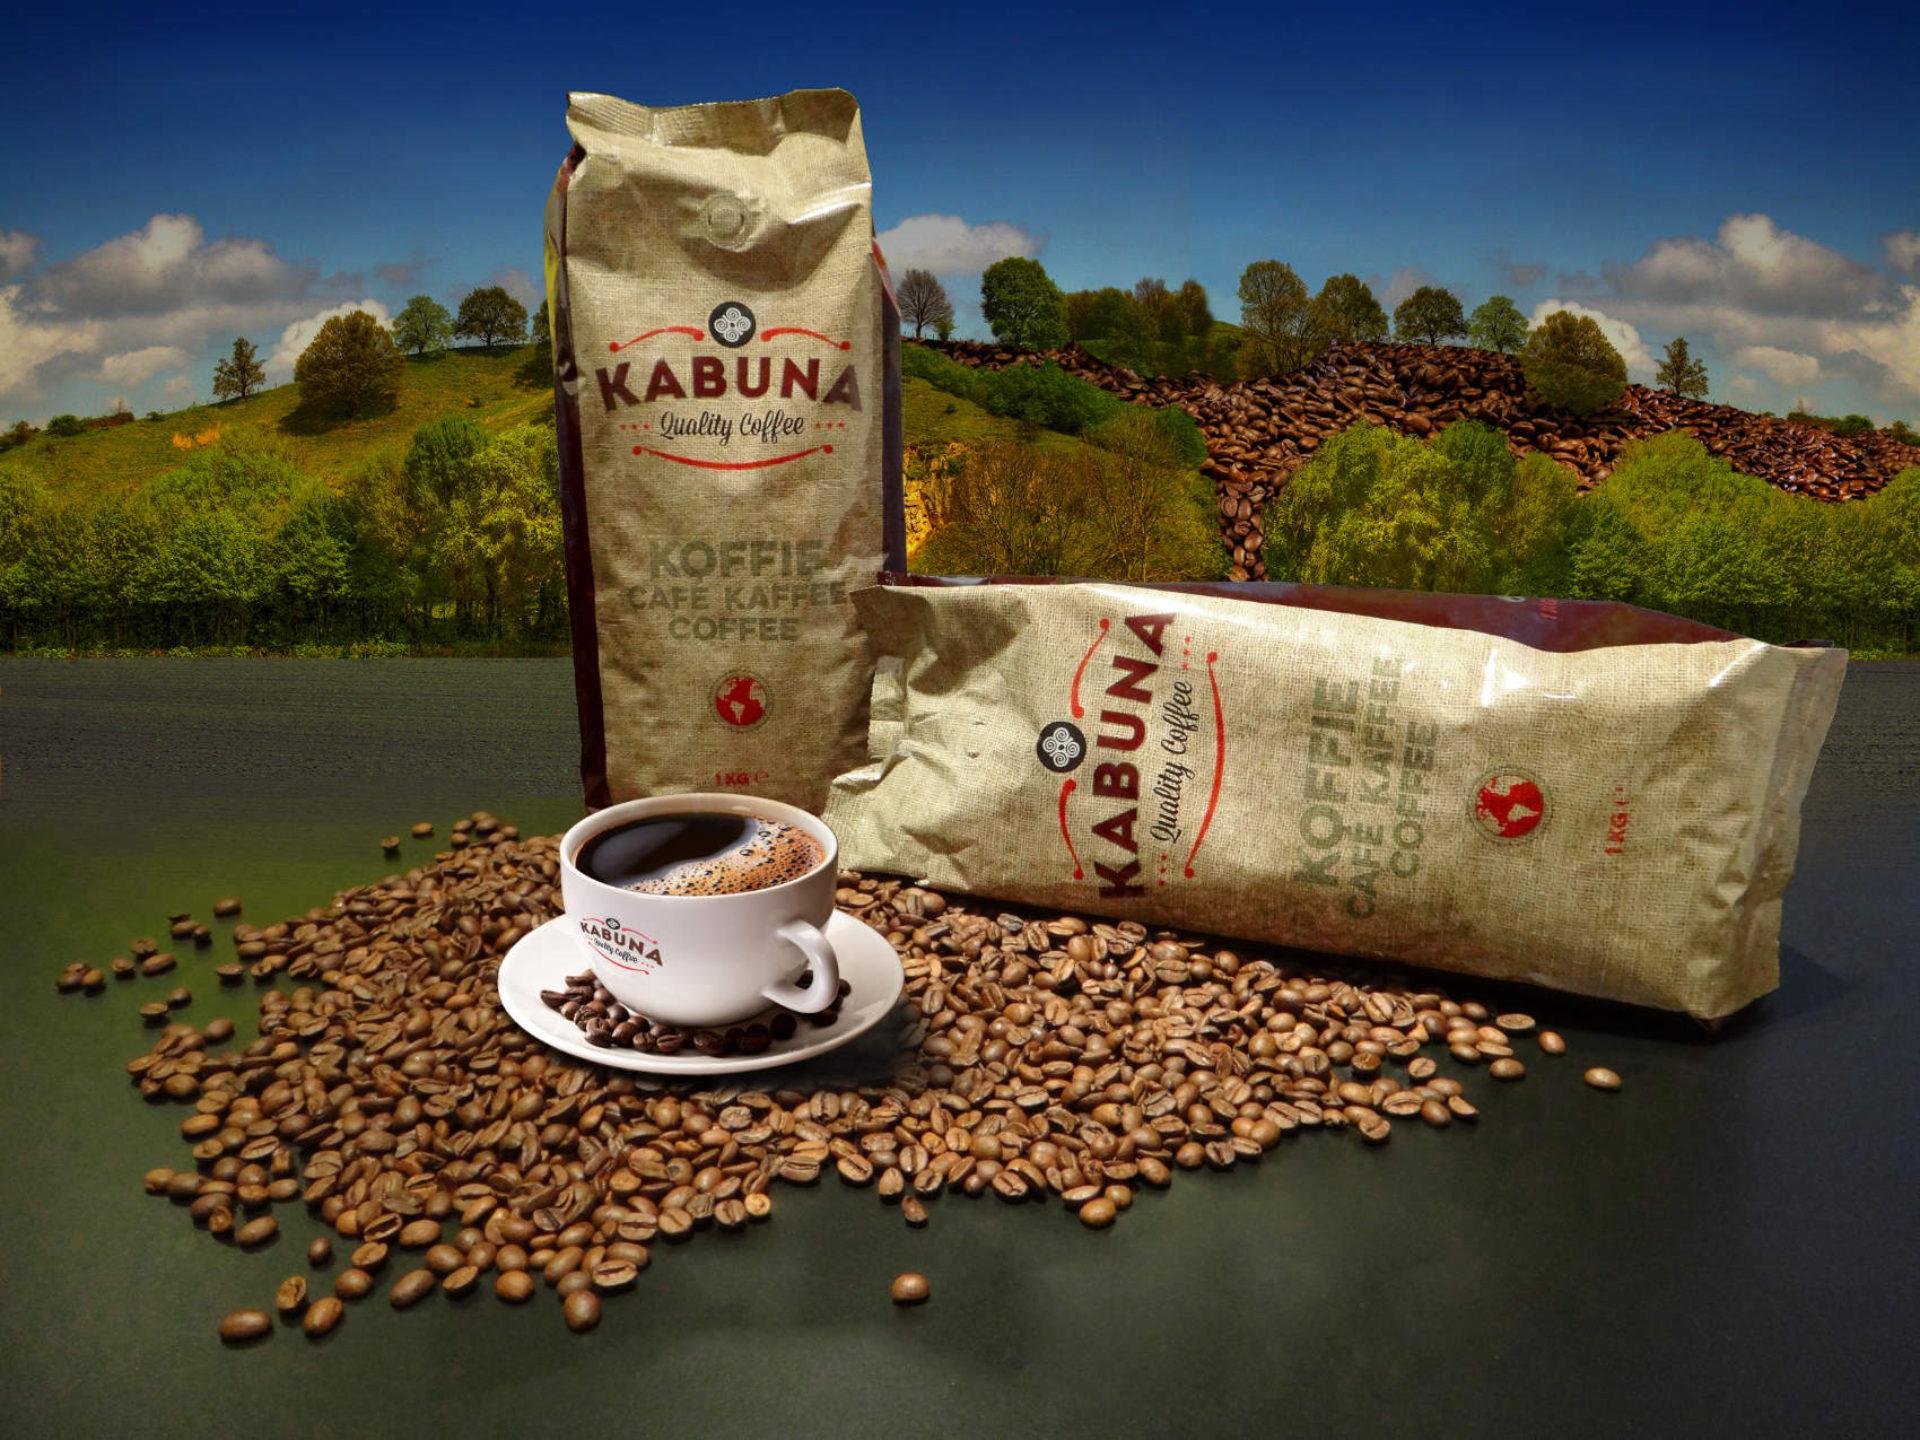 Kabuna koffie verpakking - Rene Verkaart)